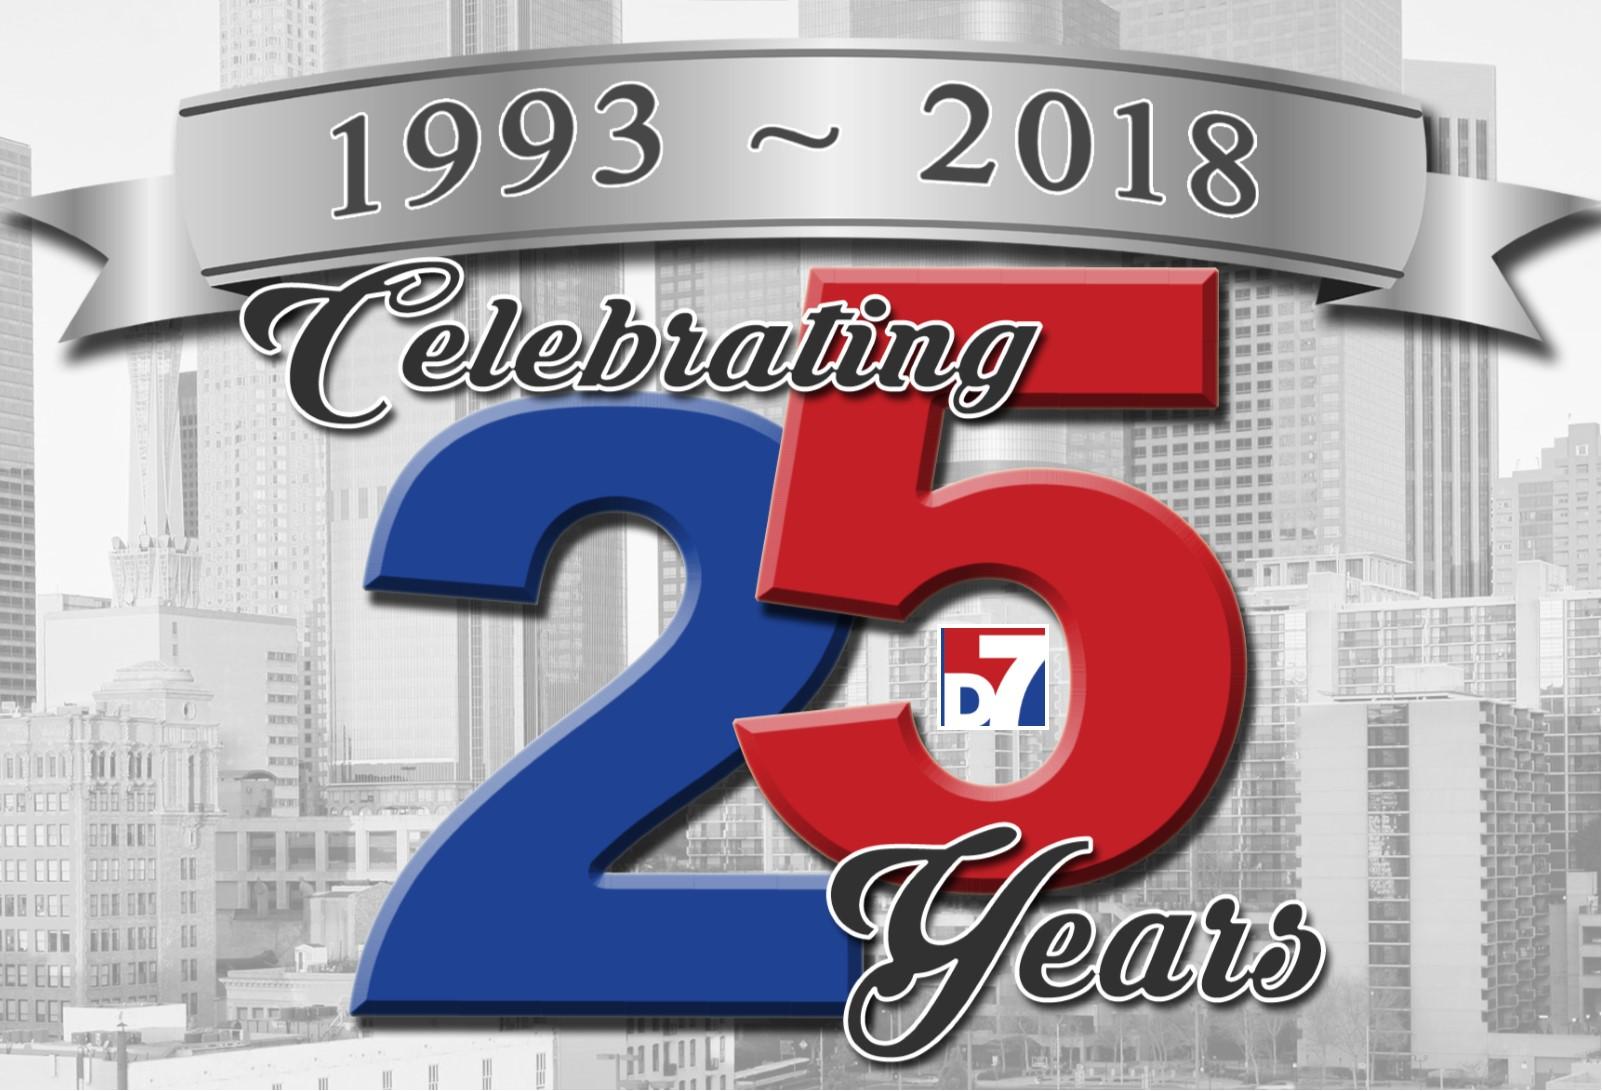 D 7 Celebrates 25 Years!